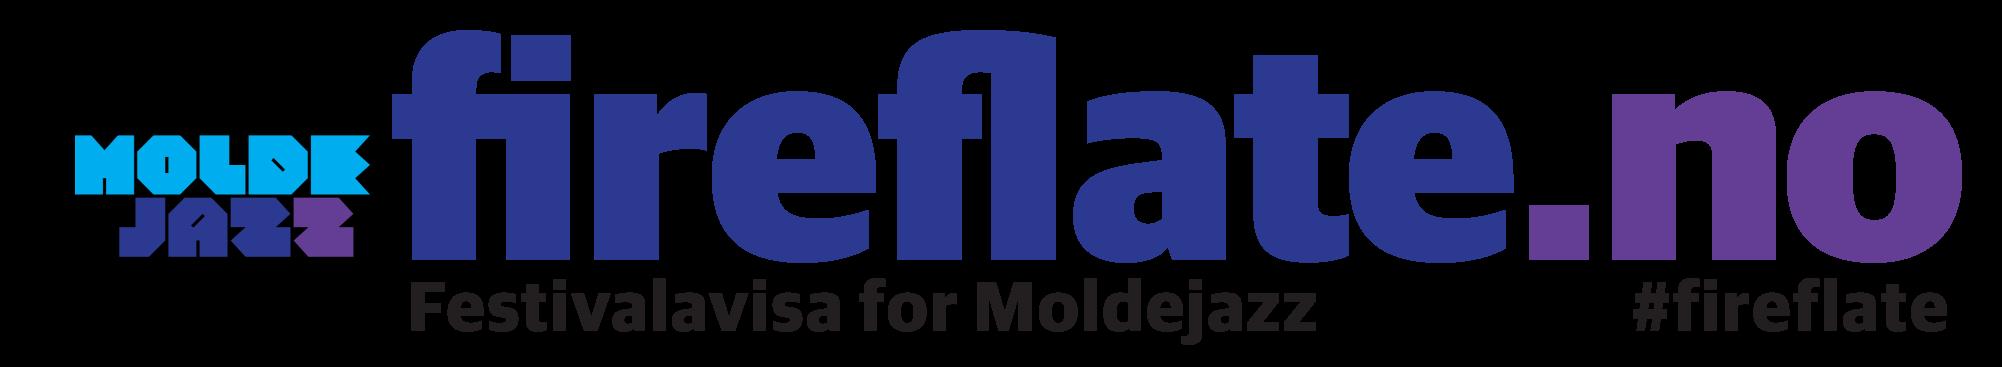 Fireflate